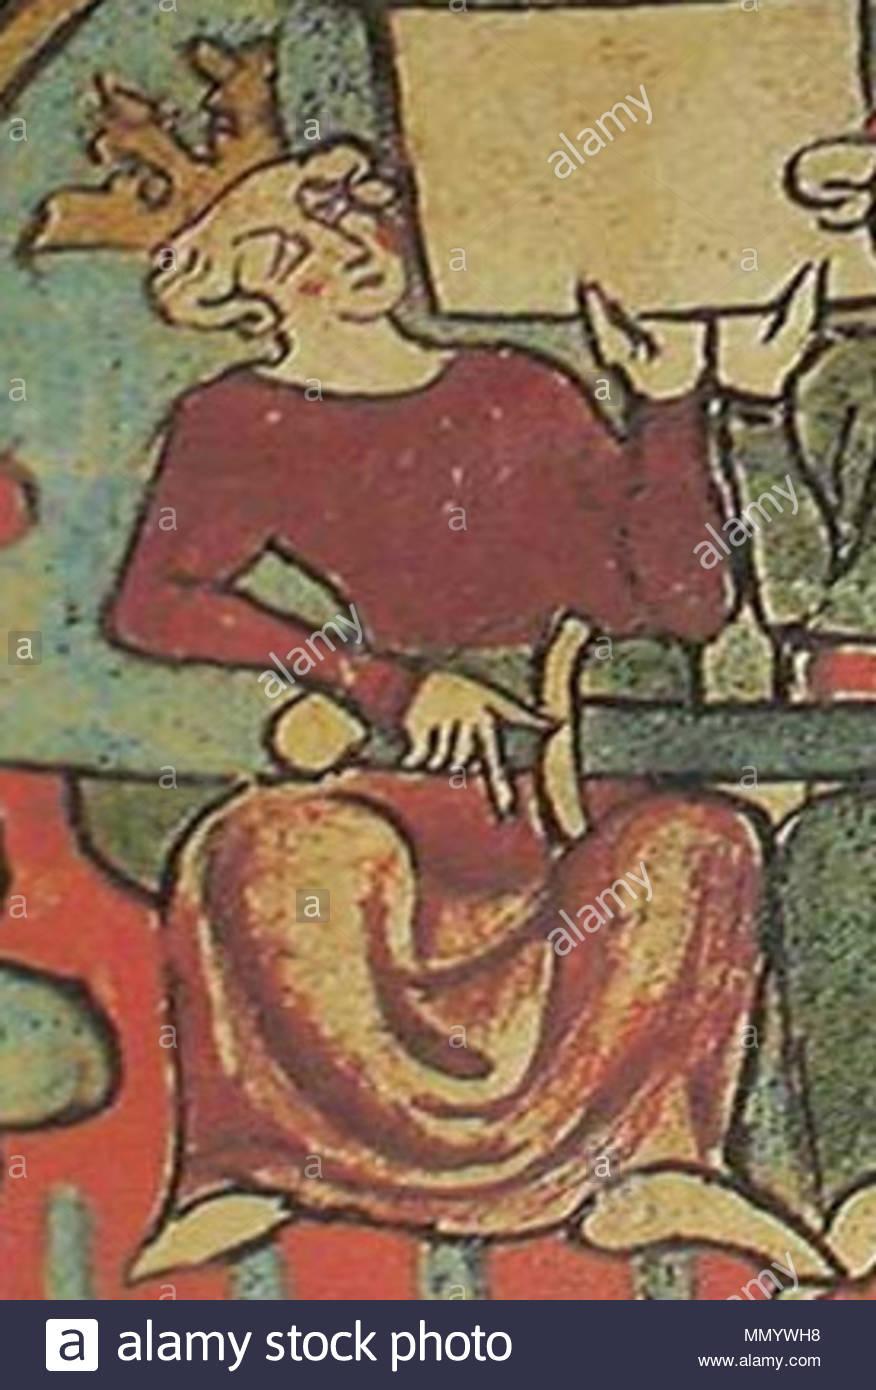 Inglés: representación de Haakon IV, rey de Noruega en Flateyjarbók. . Edad  media. CosechaSkule-Flateyjarbok HakonTheOldAnd desconocido